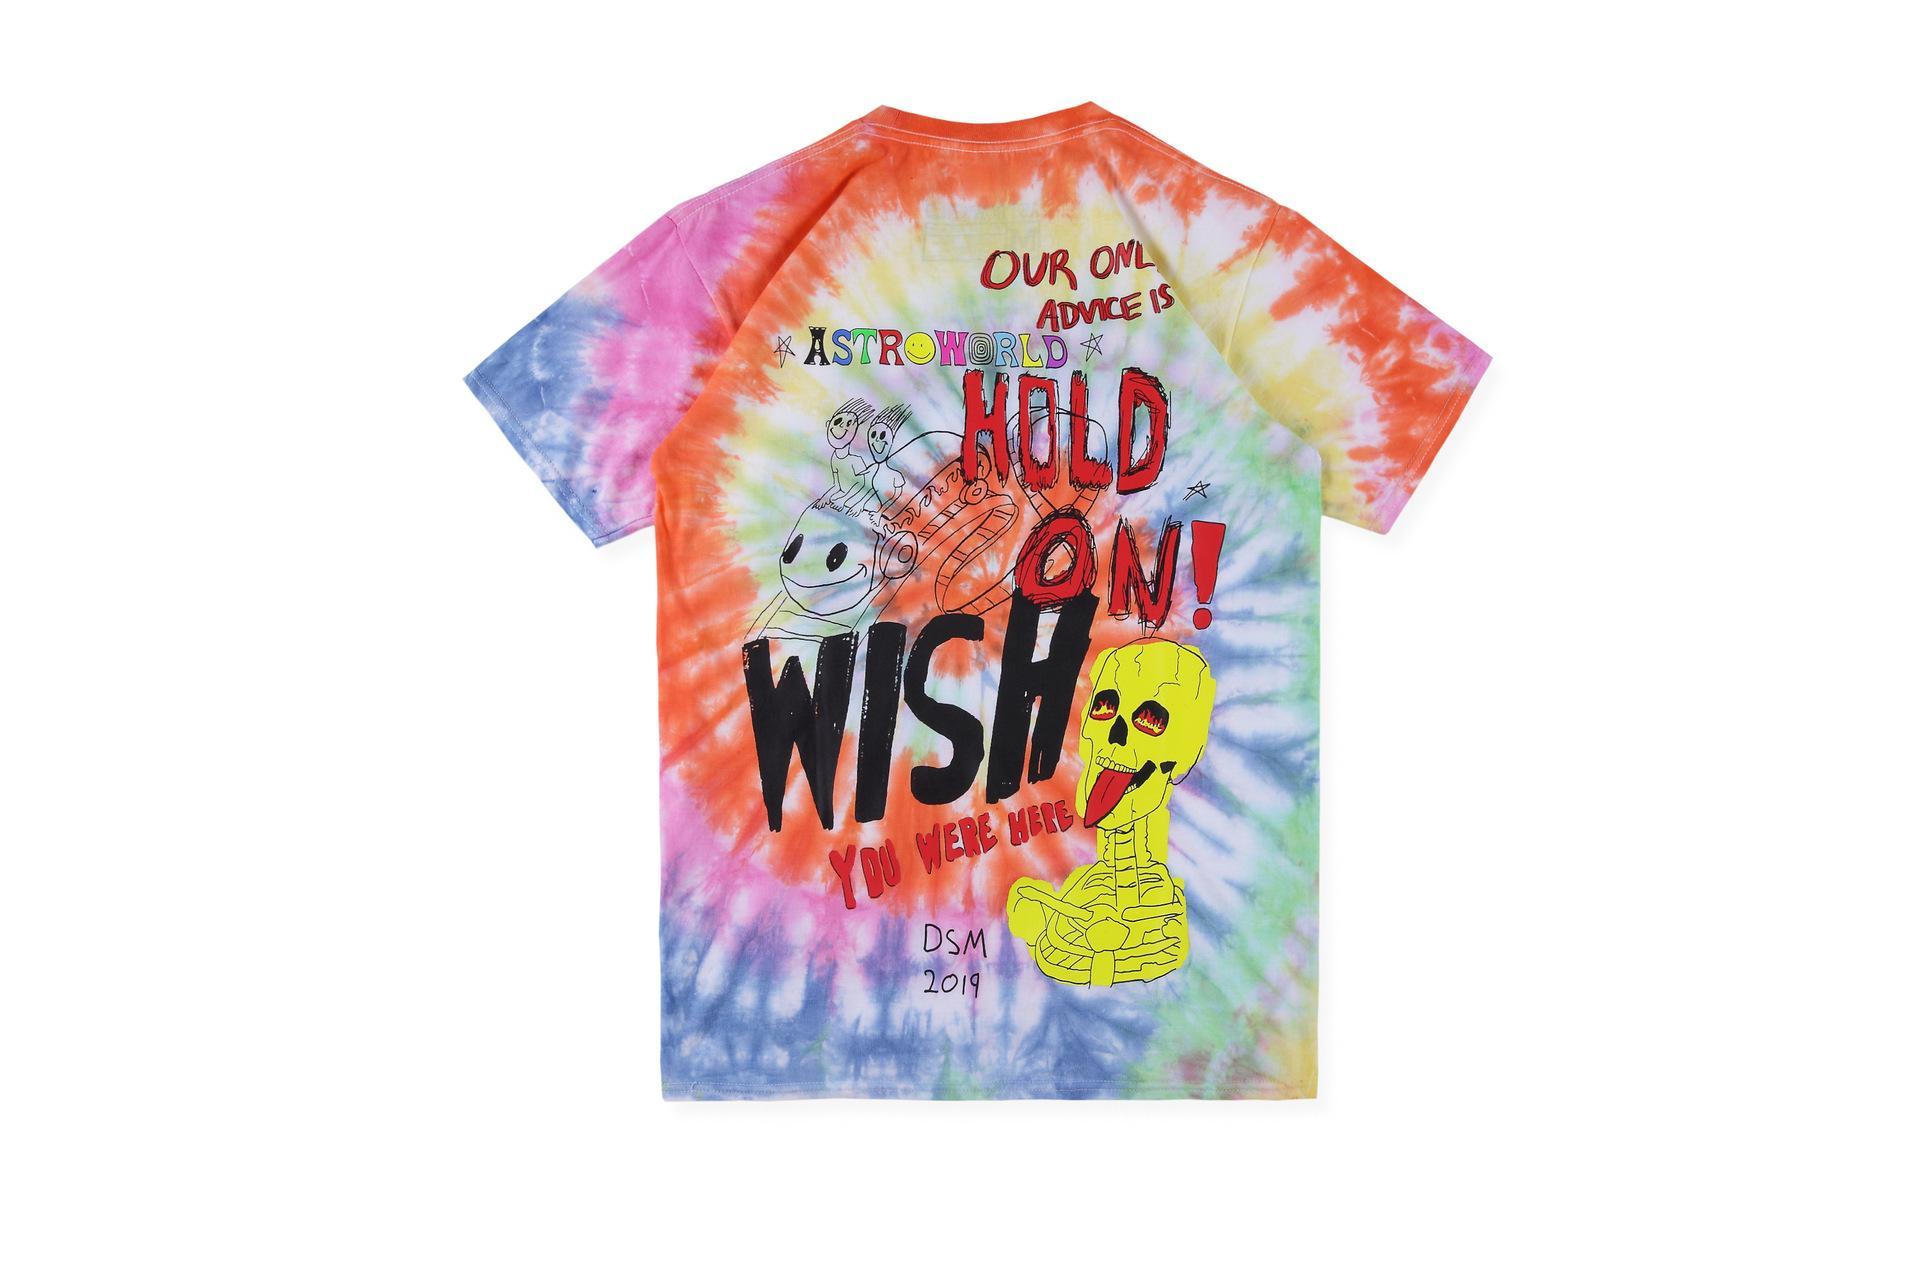 TS x DOVER étoile T modèles de coopération graffitis peints tie-dye T-shirt Terrif Hotest vendeur